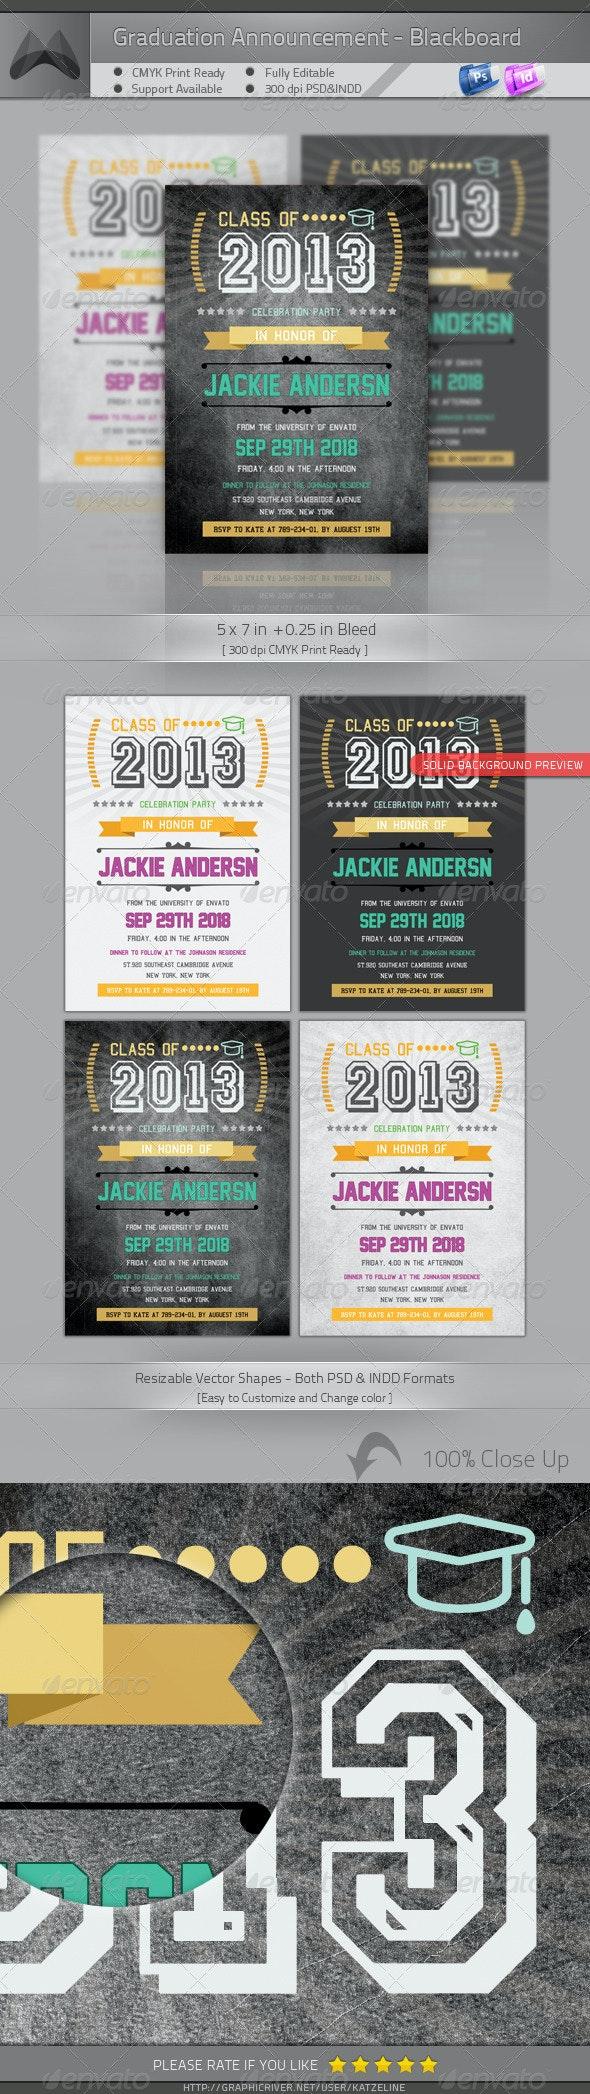 Graduation Announcement  Invitation - Blackboard - Invitations Cards & Invites